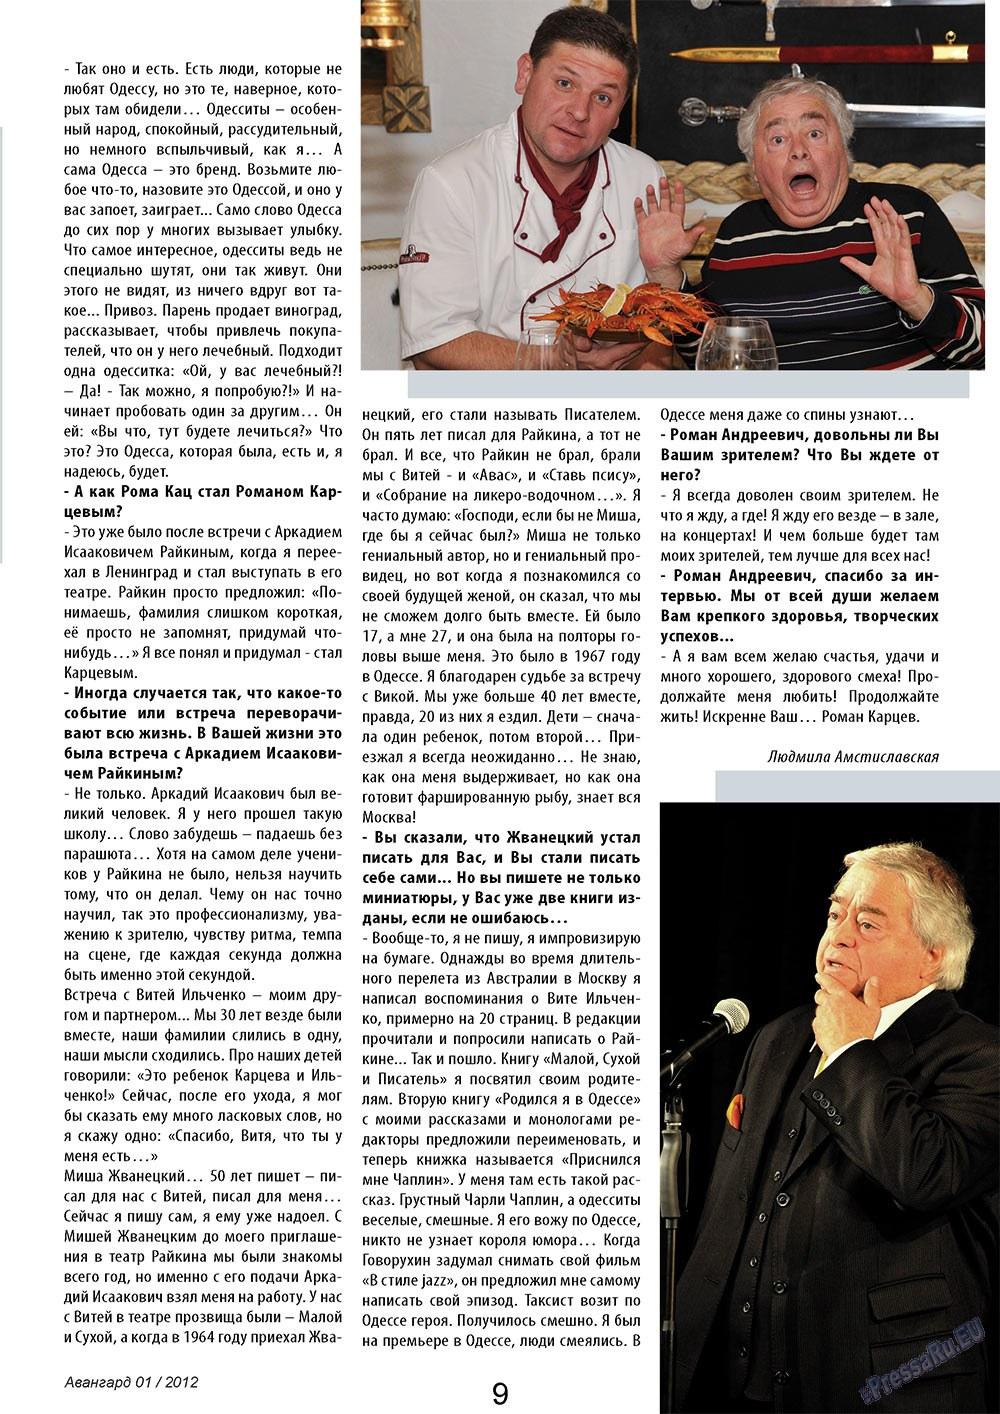 Авангард (журнал). 2012 год, номер 1, стр. 9